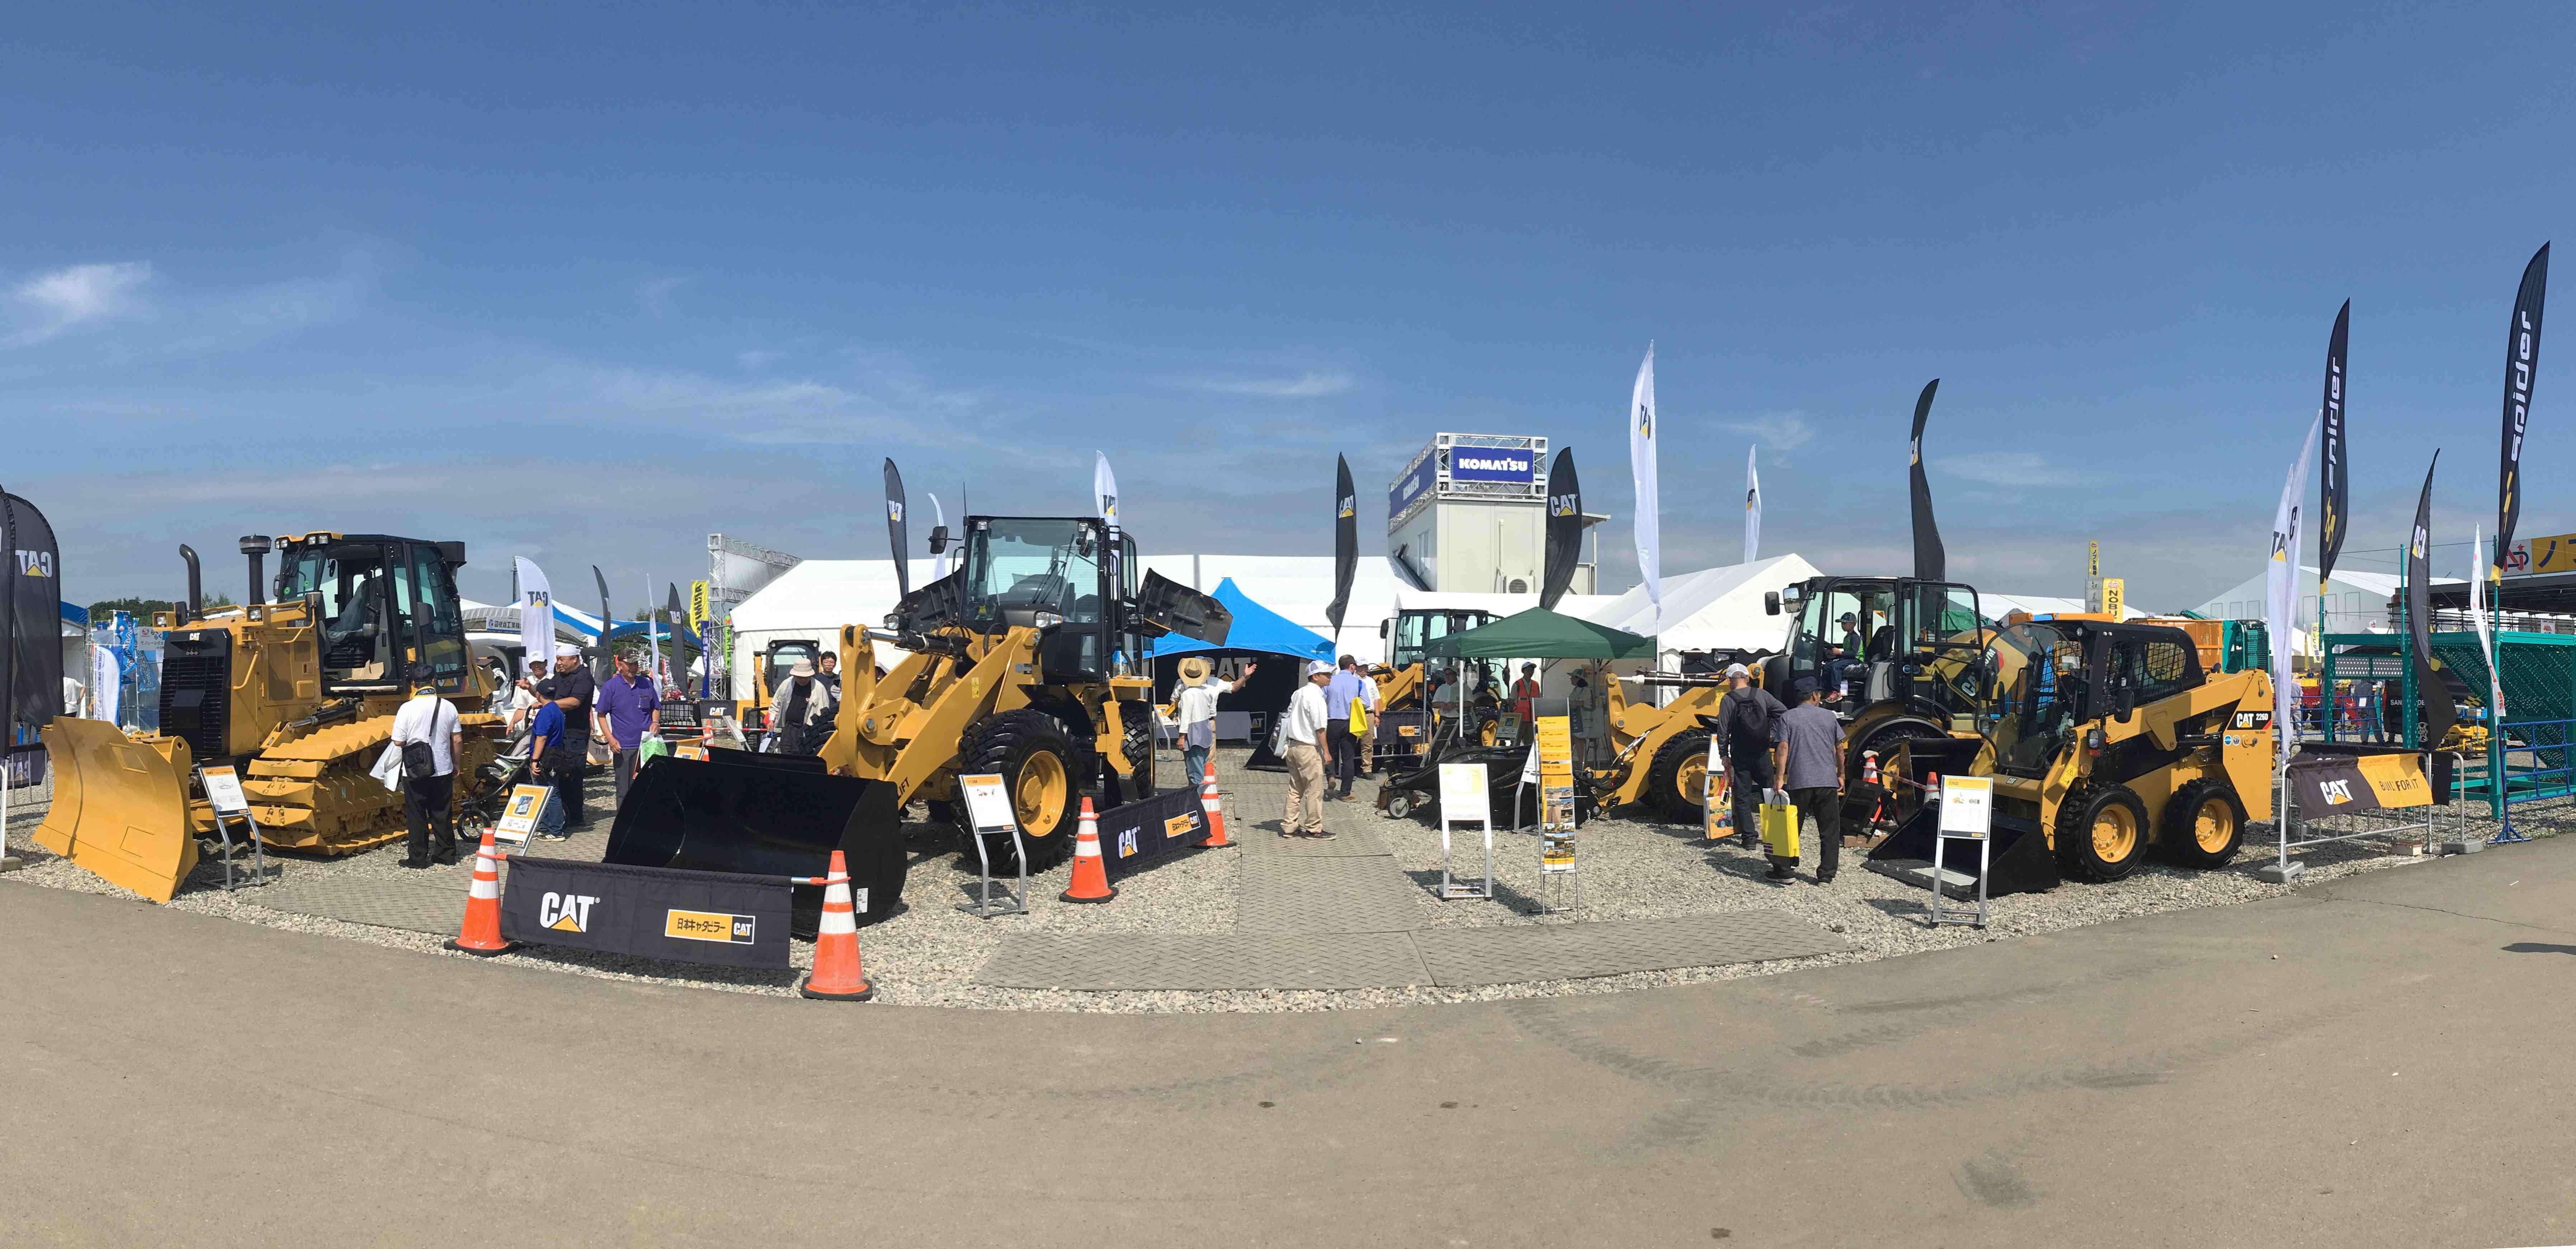 第34回 国際農業機械展